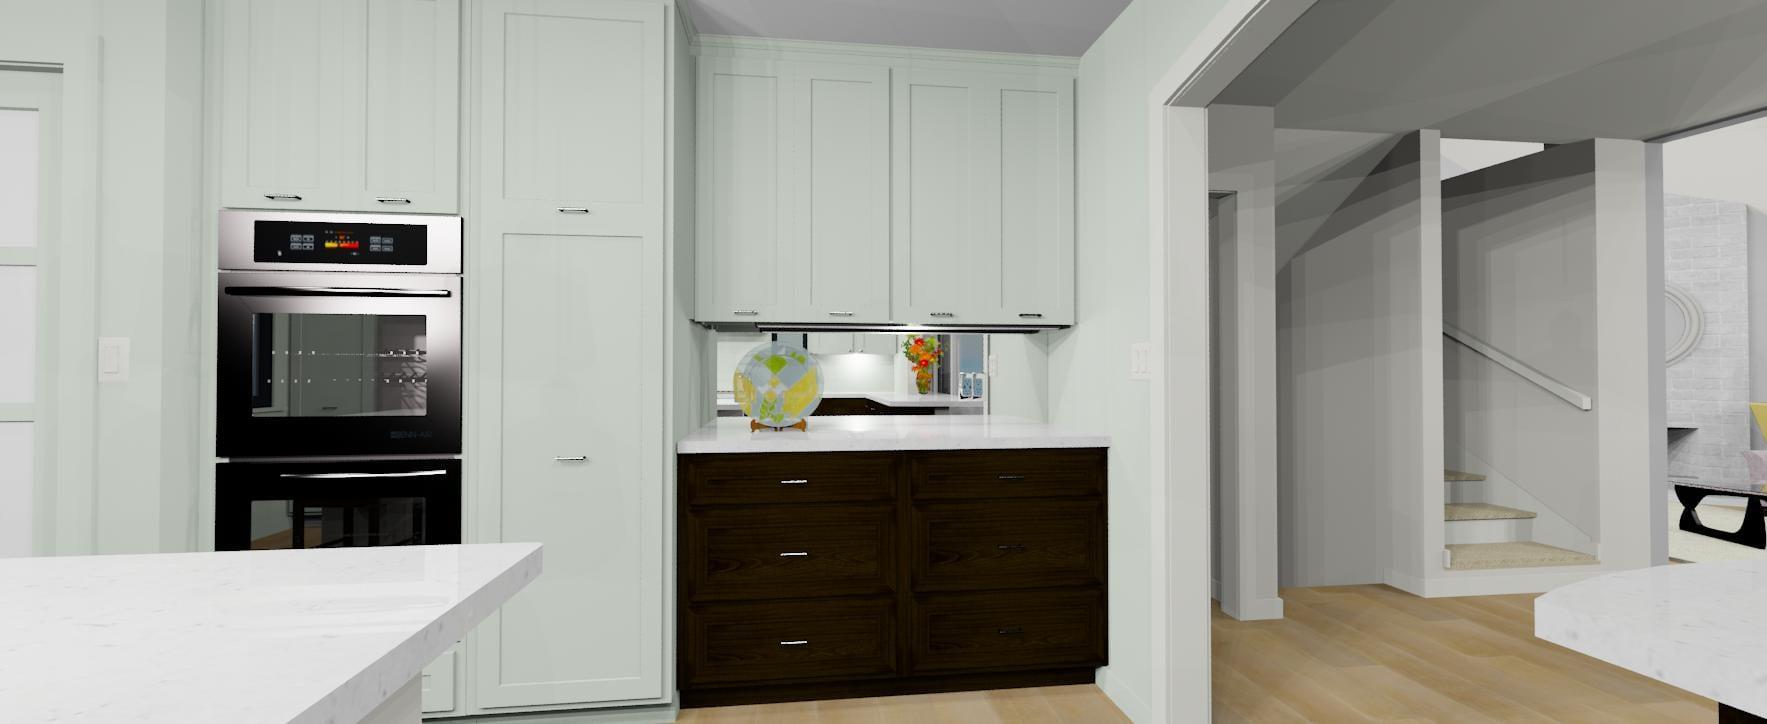 3d kitchen layout